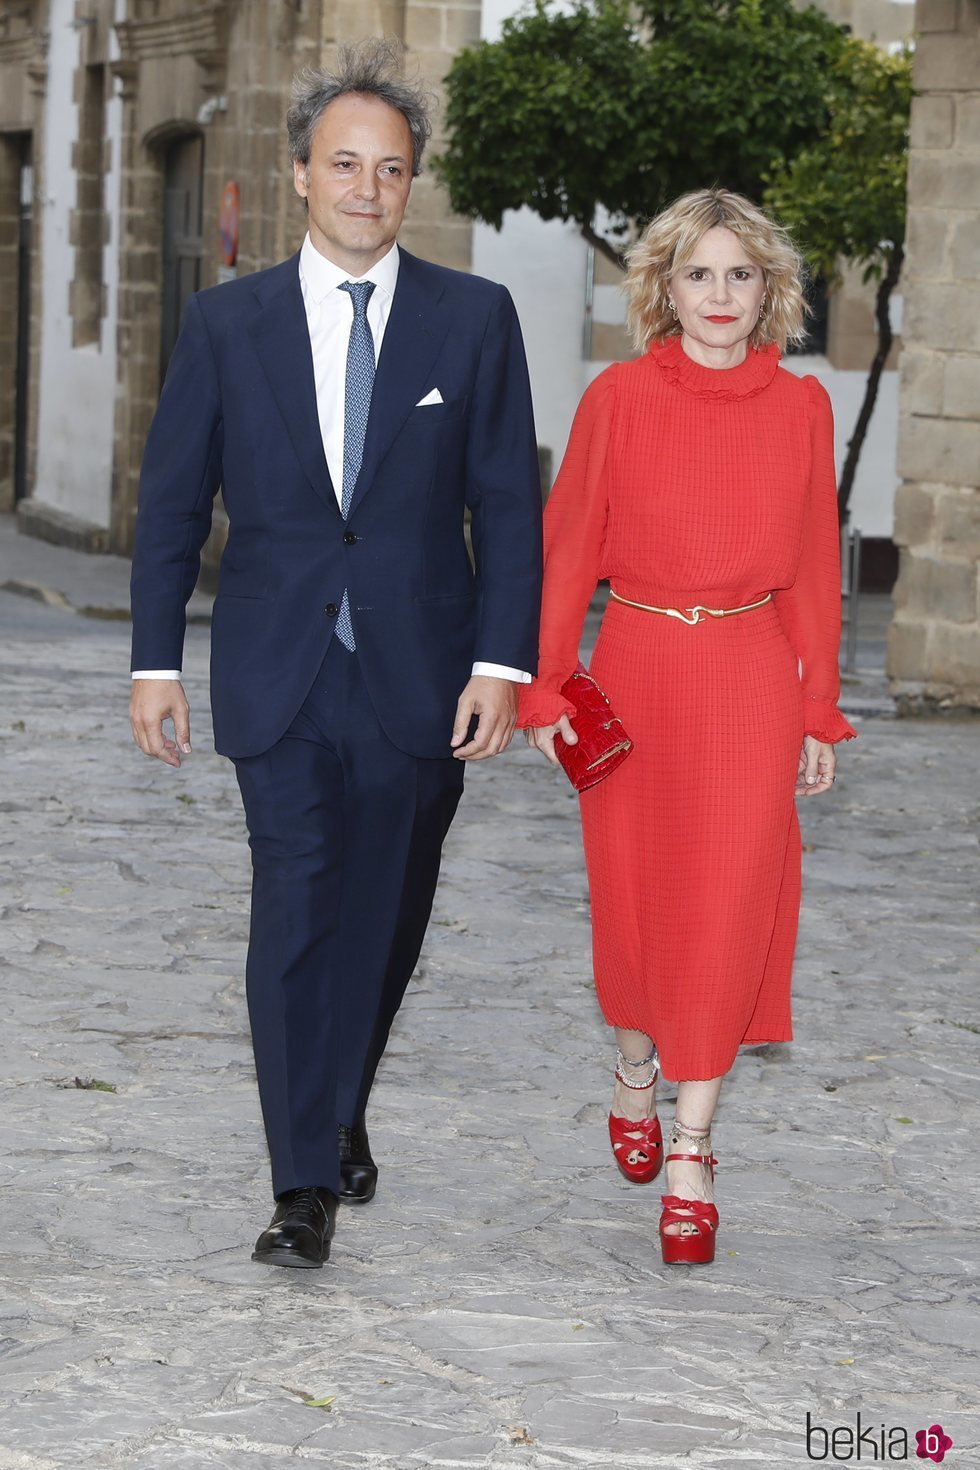 Eugenia Martínez de Irujo y Narcís Rebollo en la boda de Ainhoa Arteta y Matías Urrea